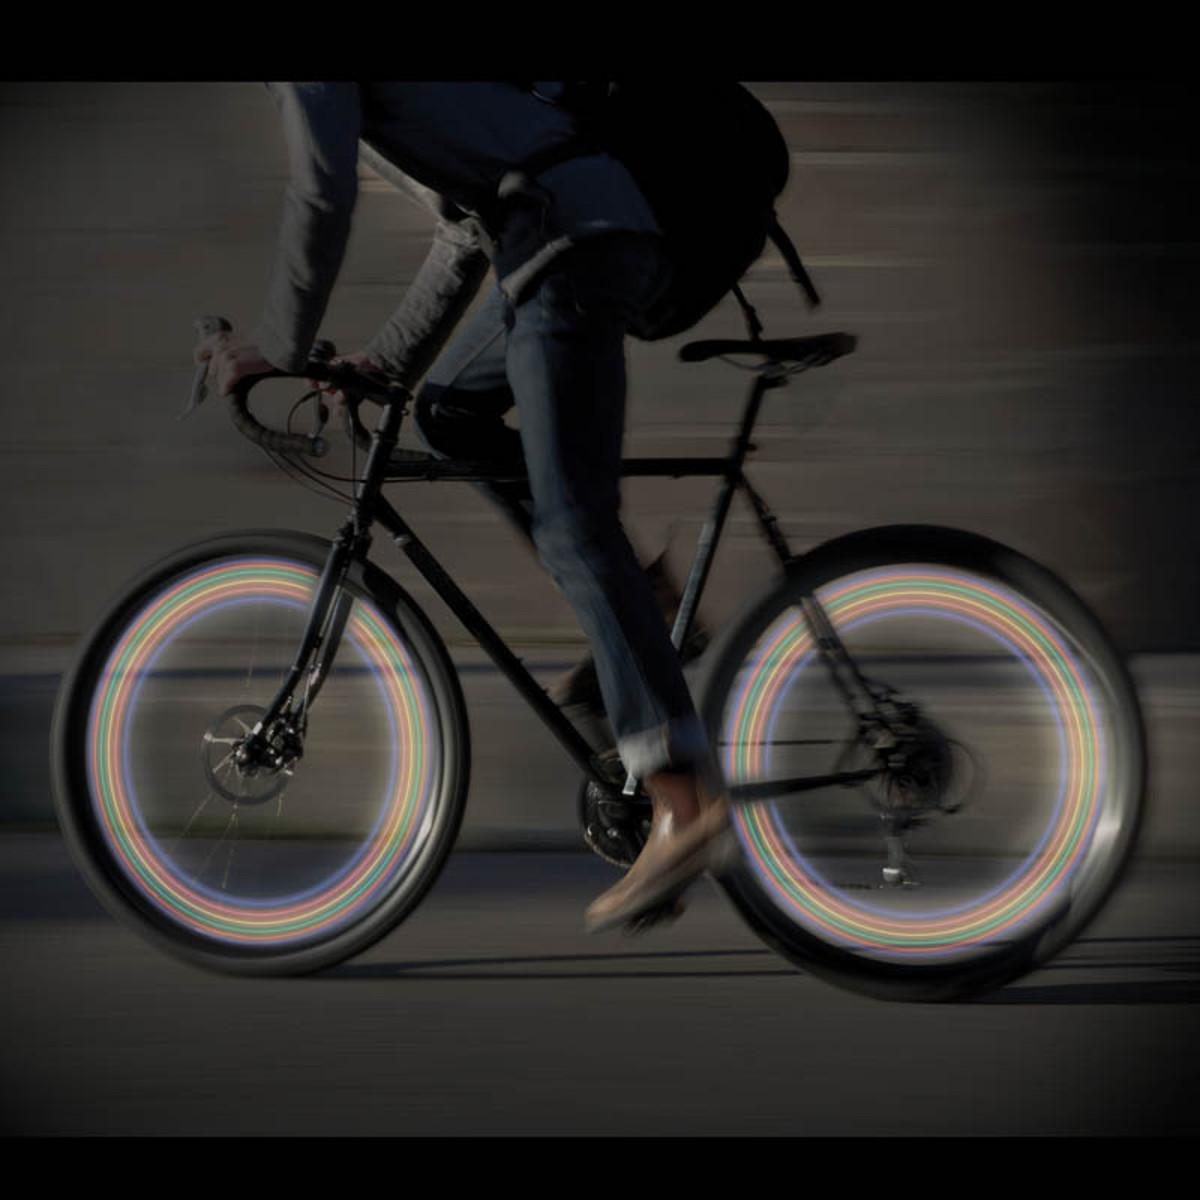 LED-Speichenlicht fürs Fahrrad